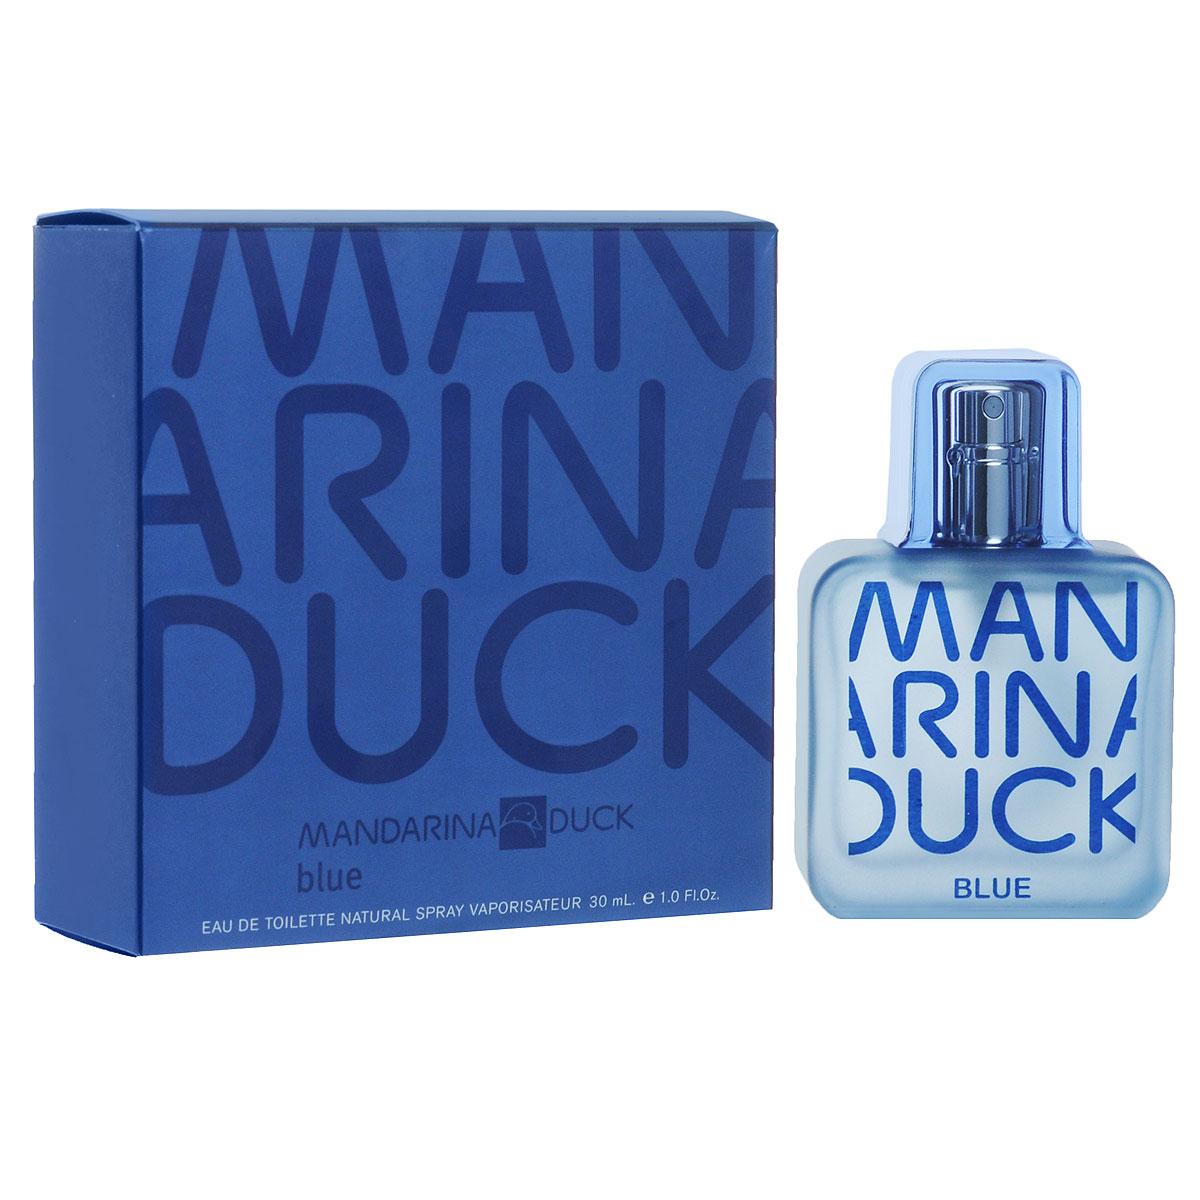 Mandarina Duck Туалетная вода Blue, мужская, 30 мл47107Соблазнительный и свежий аромат Blue от Mandarina Duck сочетает в себе модные аспекты со свежими и традиционными ценностями. Свежий древесно-водный аромат. Искрящийся и лучистый в верхних нотах…словно бриз свежего воздуха. Сочные фрукты, цитрус и озон создают синий соленый аромат моря. В сердце лежат специи и фиалки, наполняющие аромат элегантным и необычным характером. Классификация аромата : морской, древесно-водный. Пирамида аромата : Верхние ноты: масло итальянского бергамота, масло грейпфрута и сочные фрукты. Ноты сердца: листья фиалки из Египта, озон, кардамон из Гватемалы. Ноты шлейфа: кедр, серая амбра, бобы тонка. Ключевые слова Свежий, элегантный, мужественный! Туалетная вода - один из самых популярных видов парфюмерной продукции. Туалетная вода содержит 4-10% парфюмерного экстракта. Главные достоинства данного типа продукции...